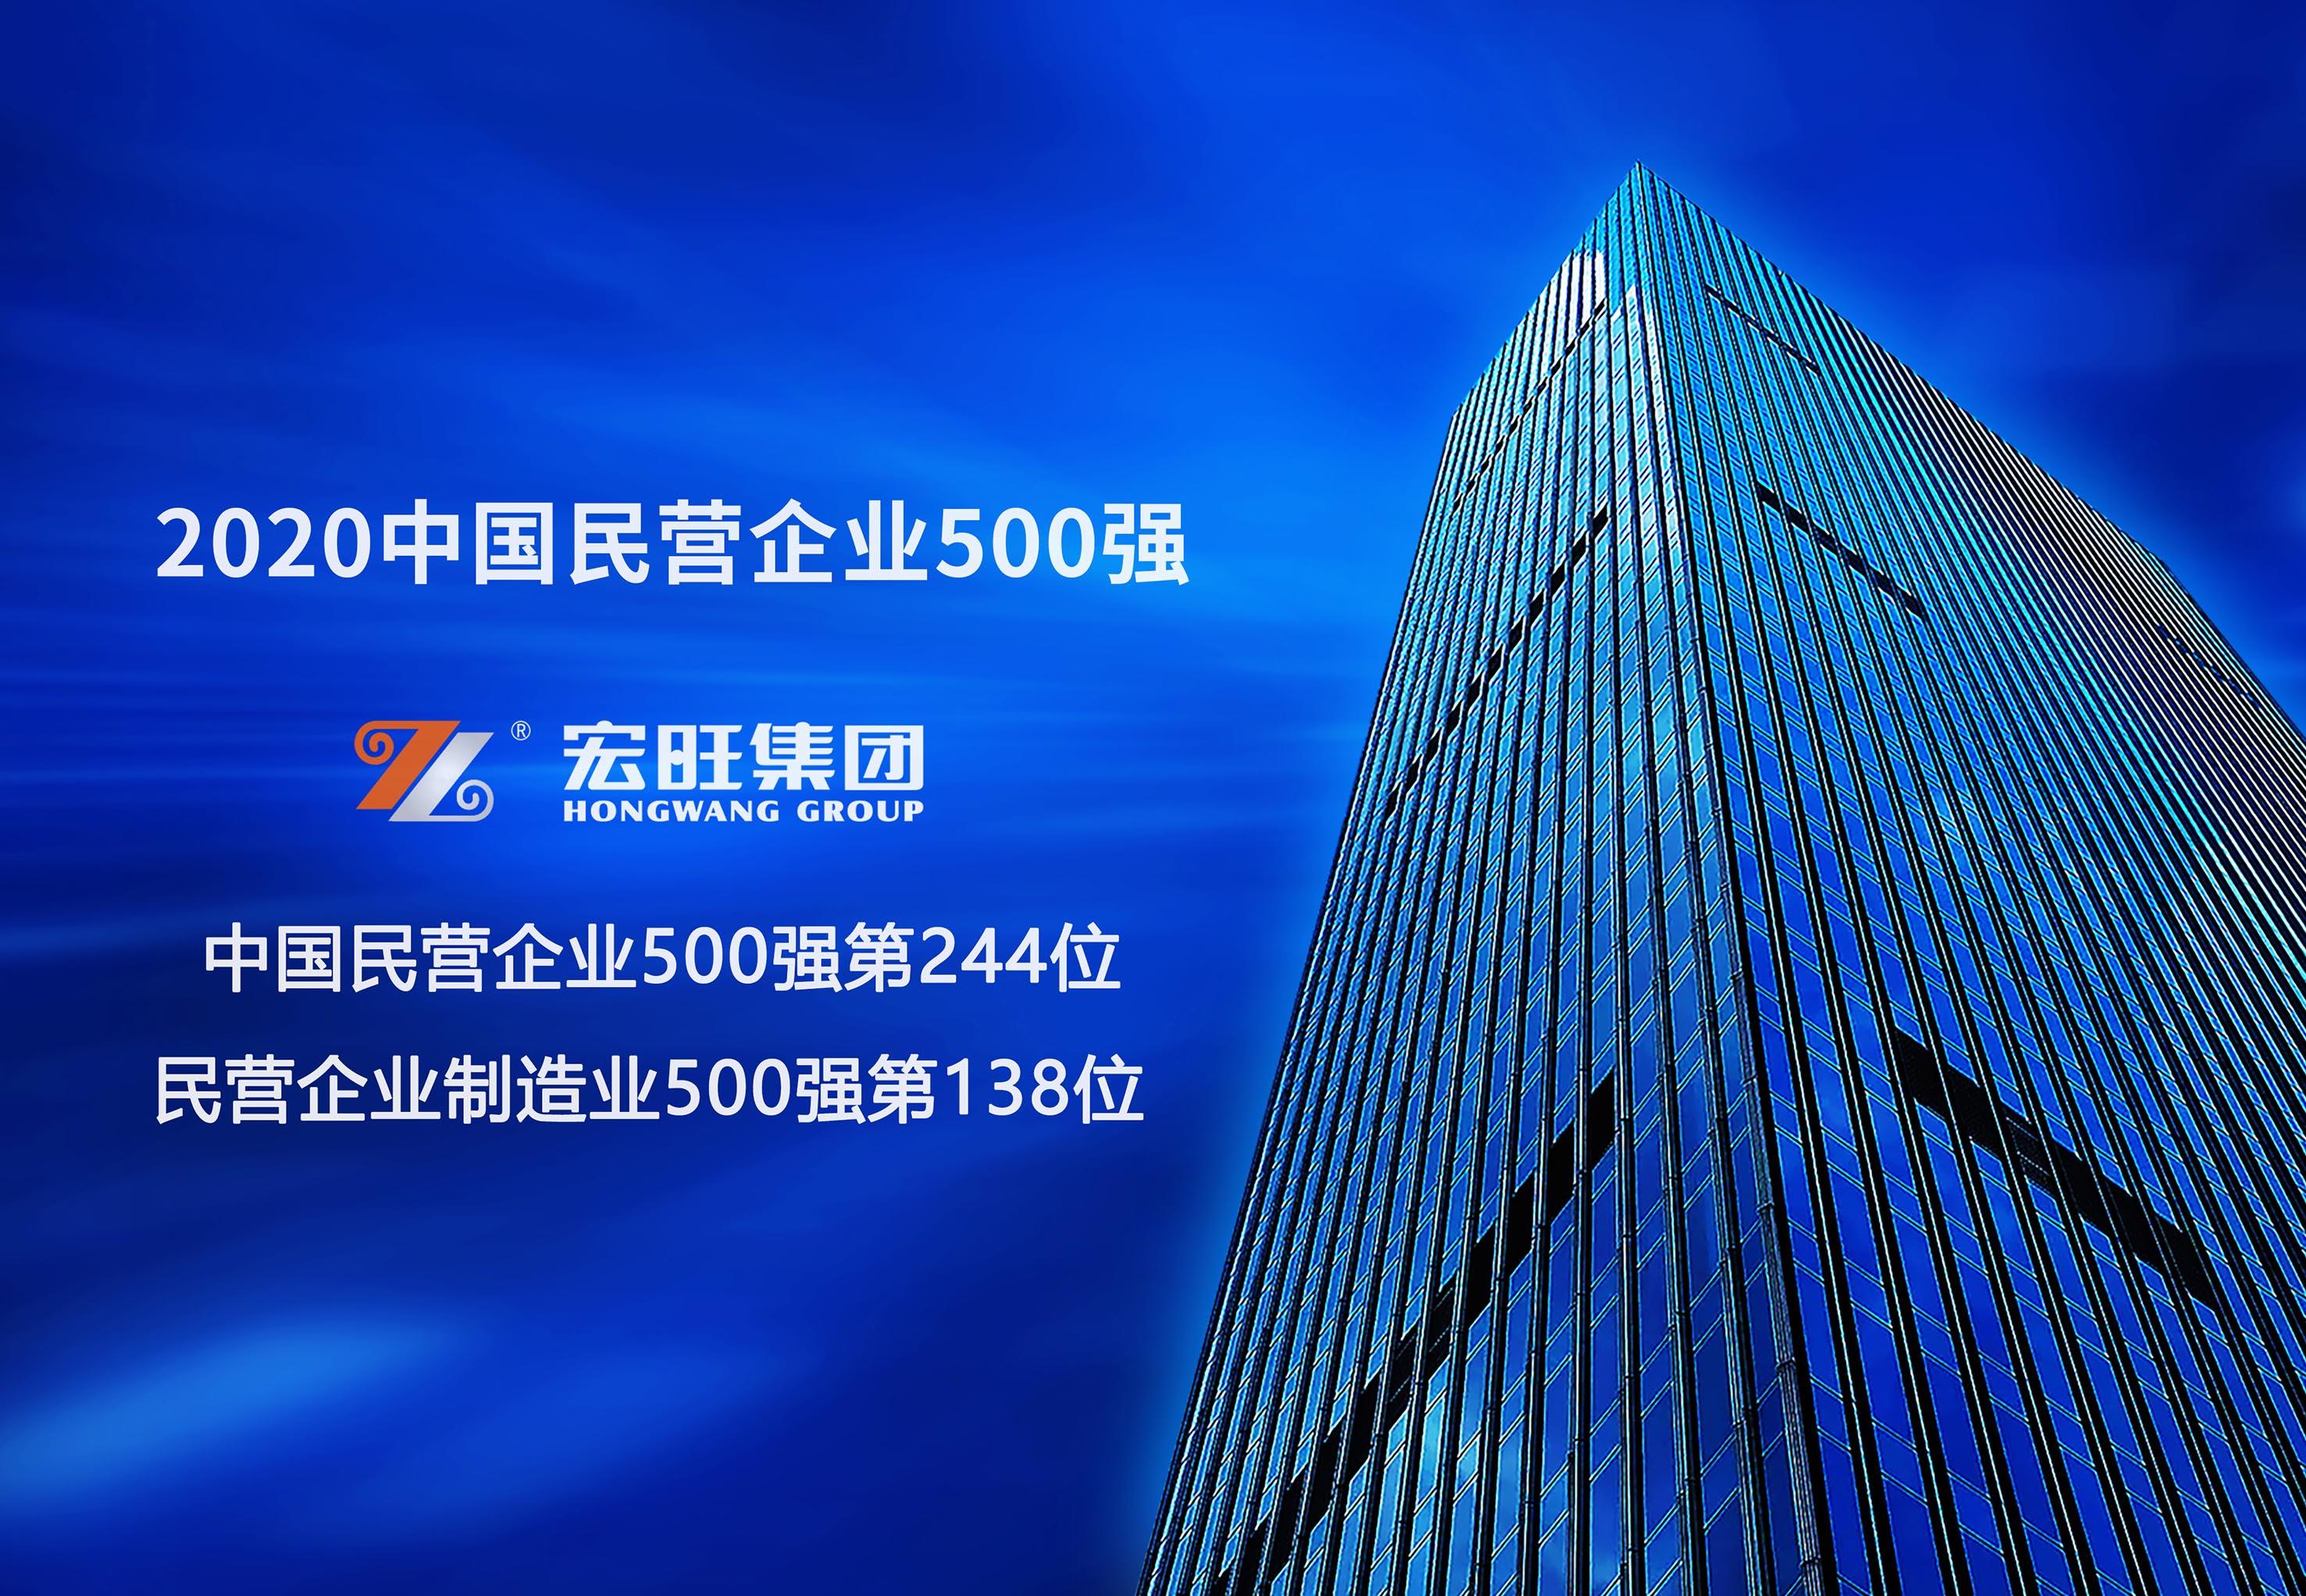 雷竞技官网集团位列2020年中国民营企业500强第244位